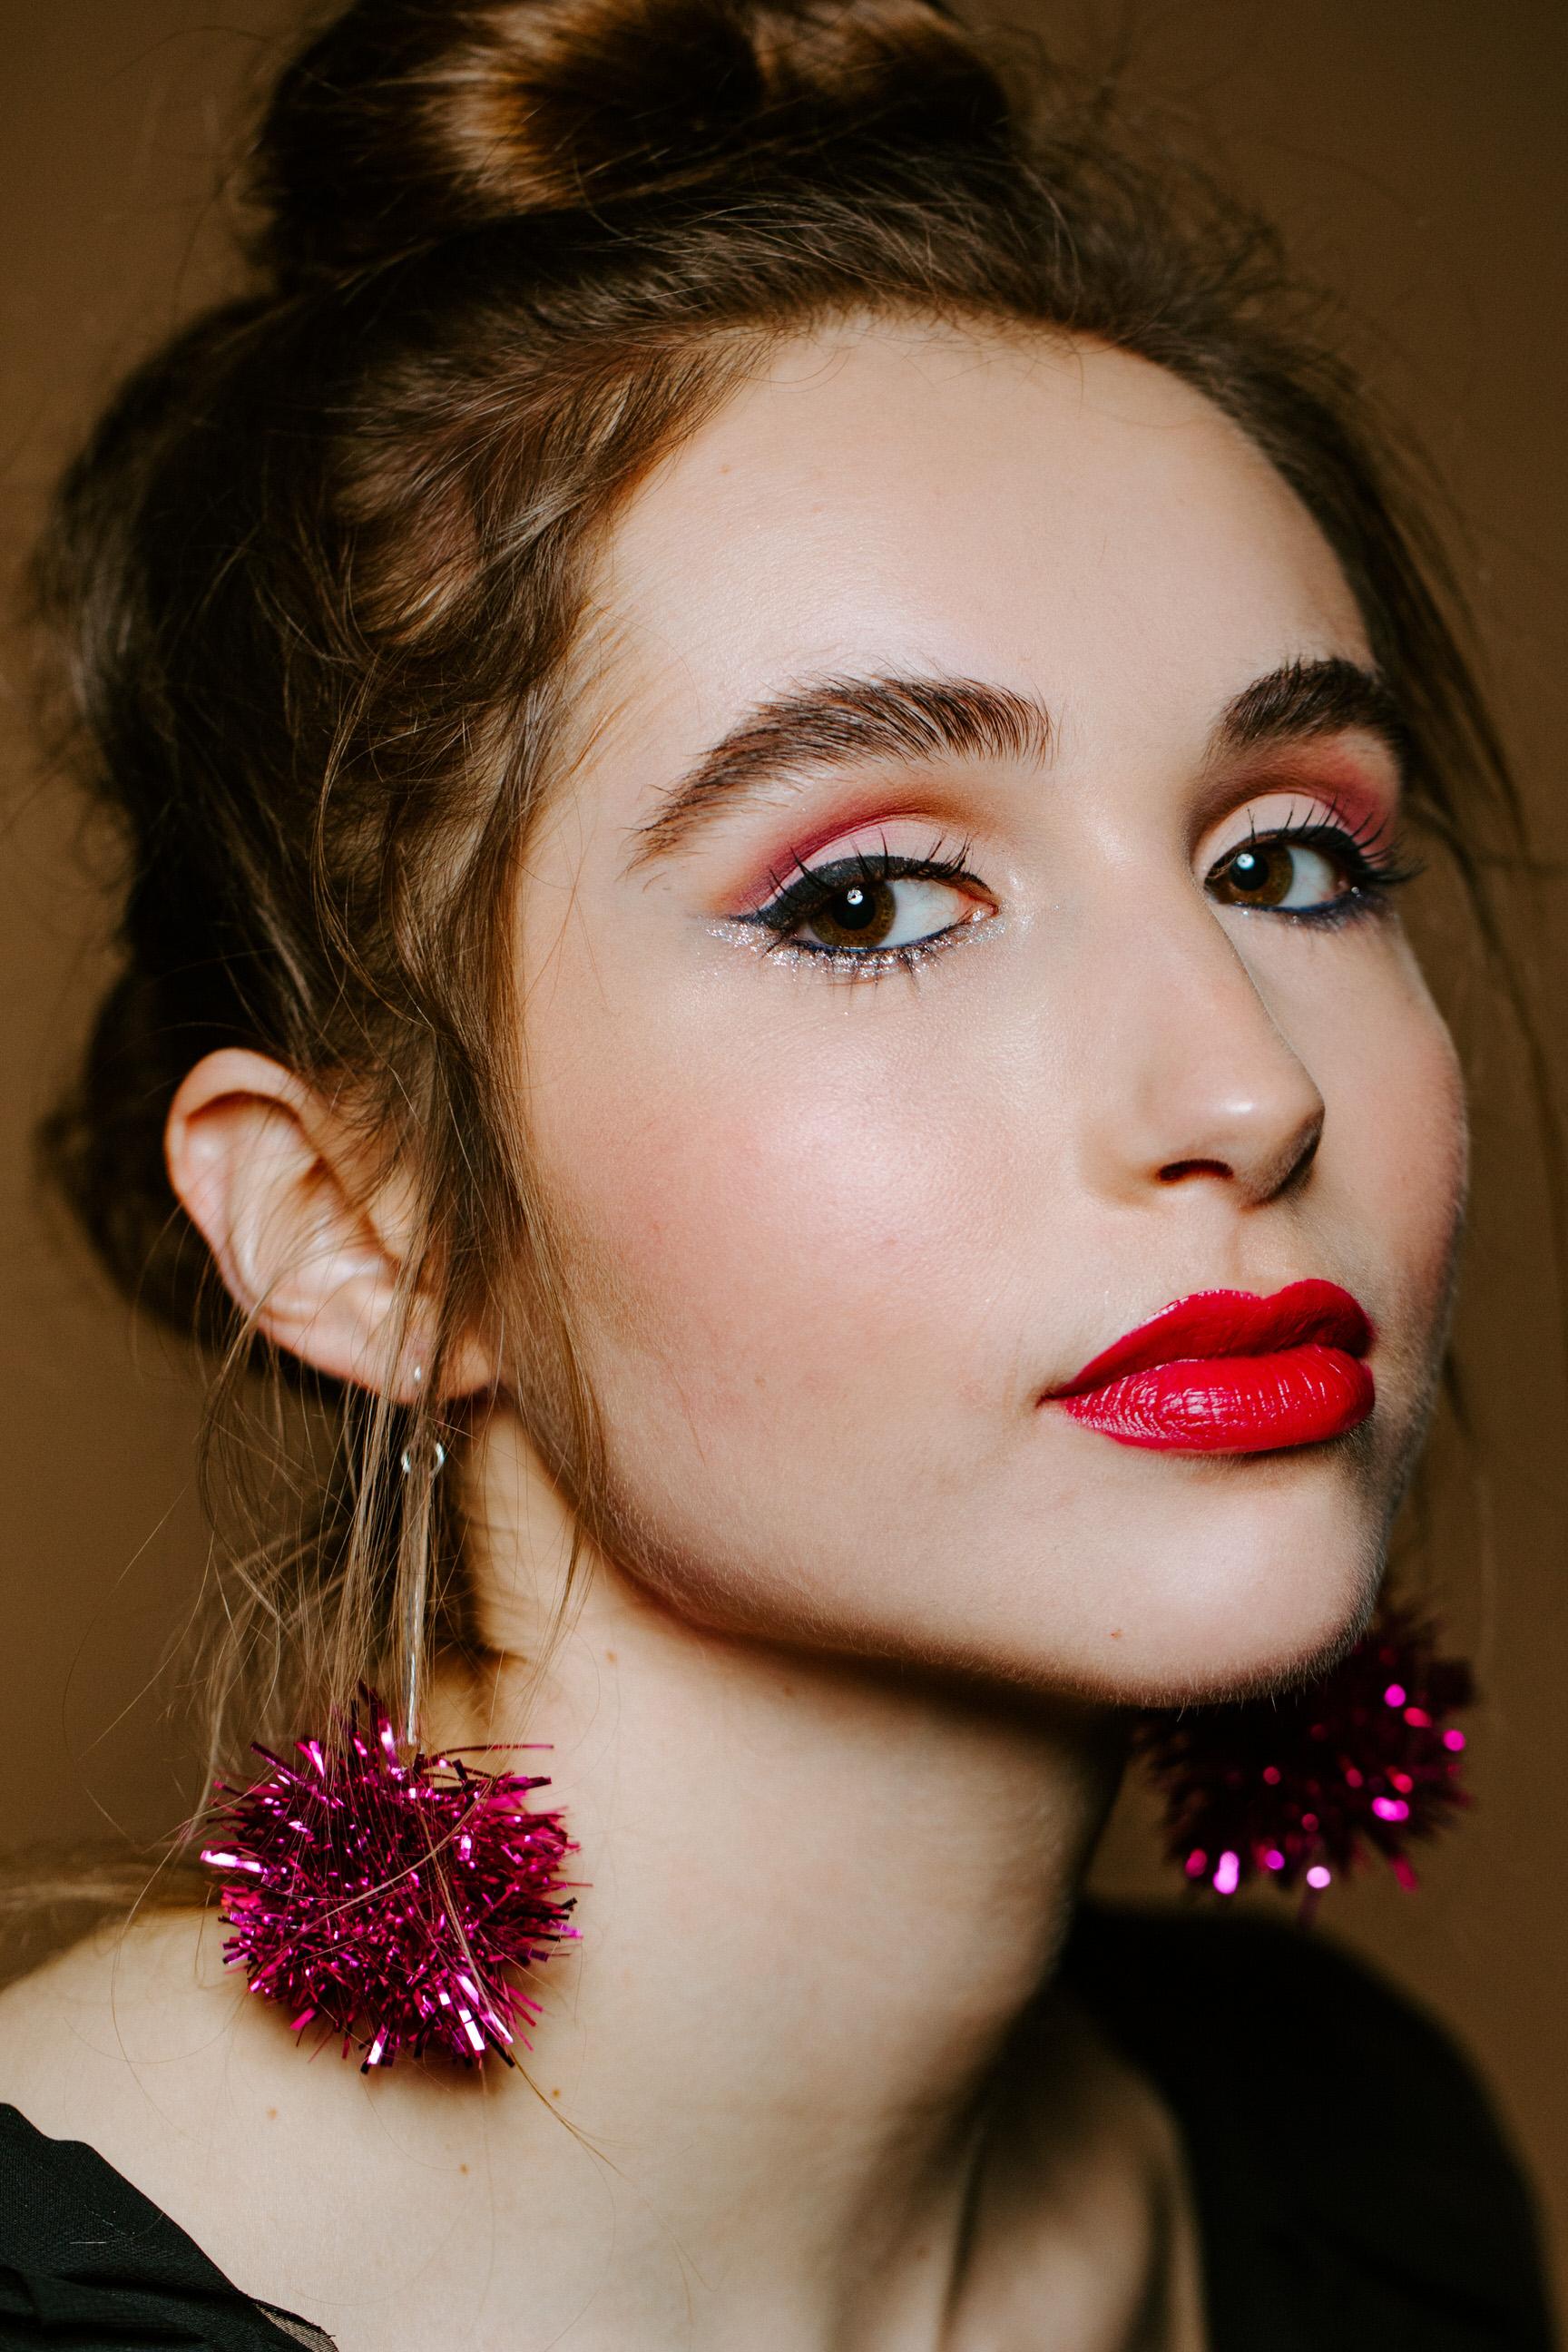 rebekah-earrings-8837.jpg